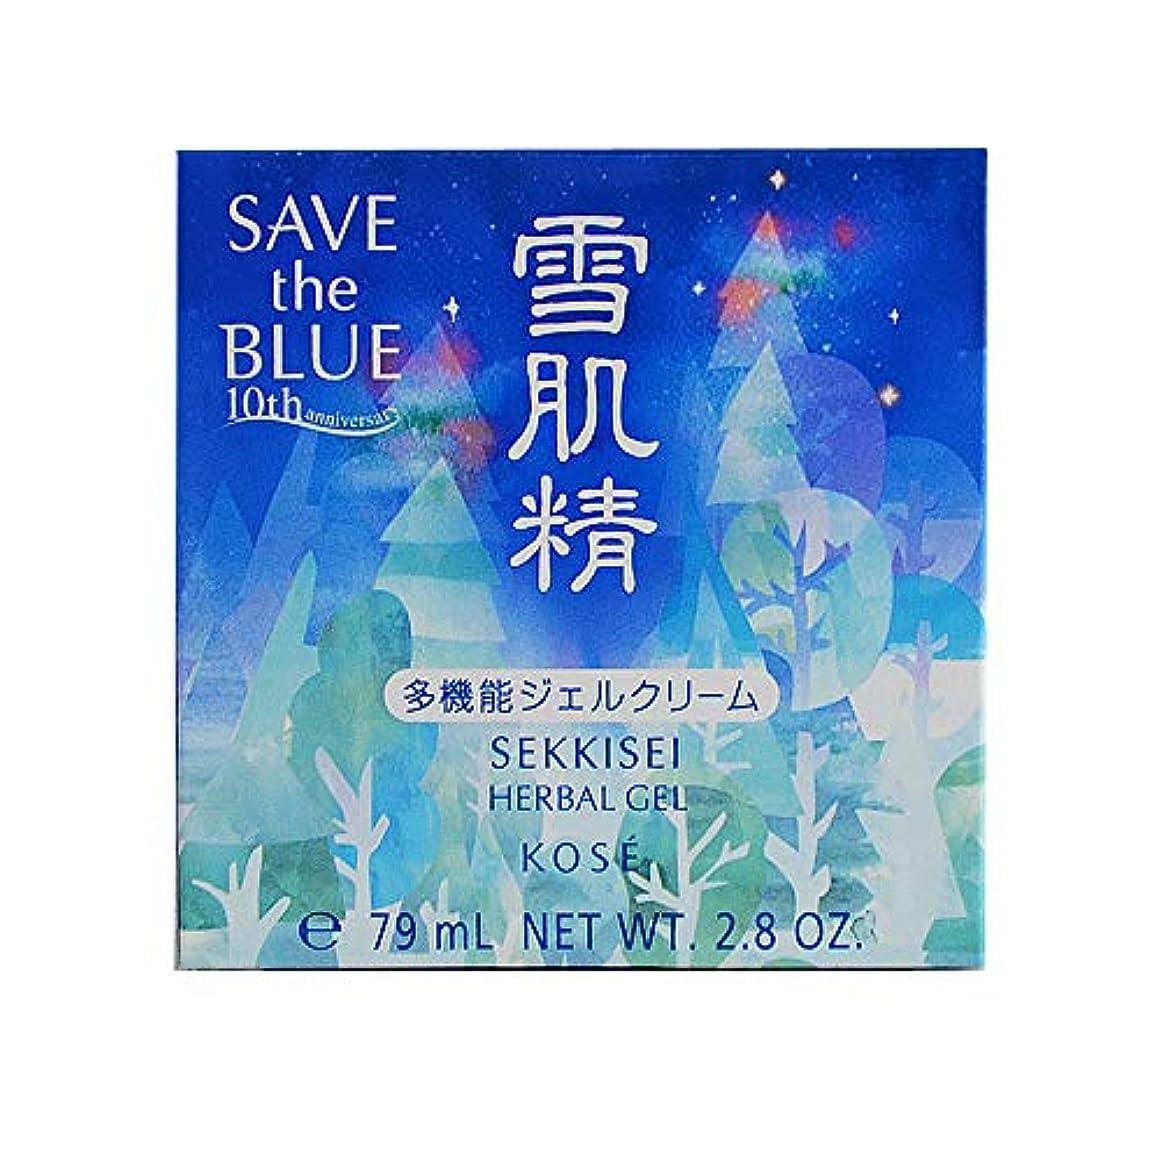 優しい出力十年コーセー 雪肌精 ハーバルジェル 80g (SAVE the BLUE) [ フェイスクリーム ] [並行輸入品]